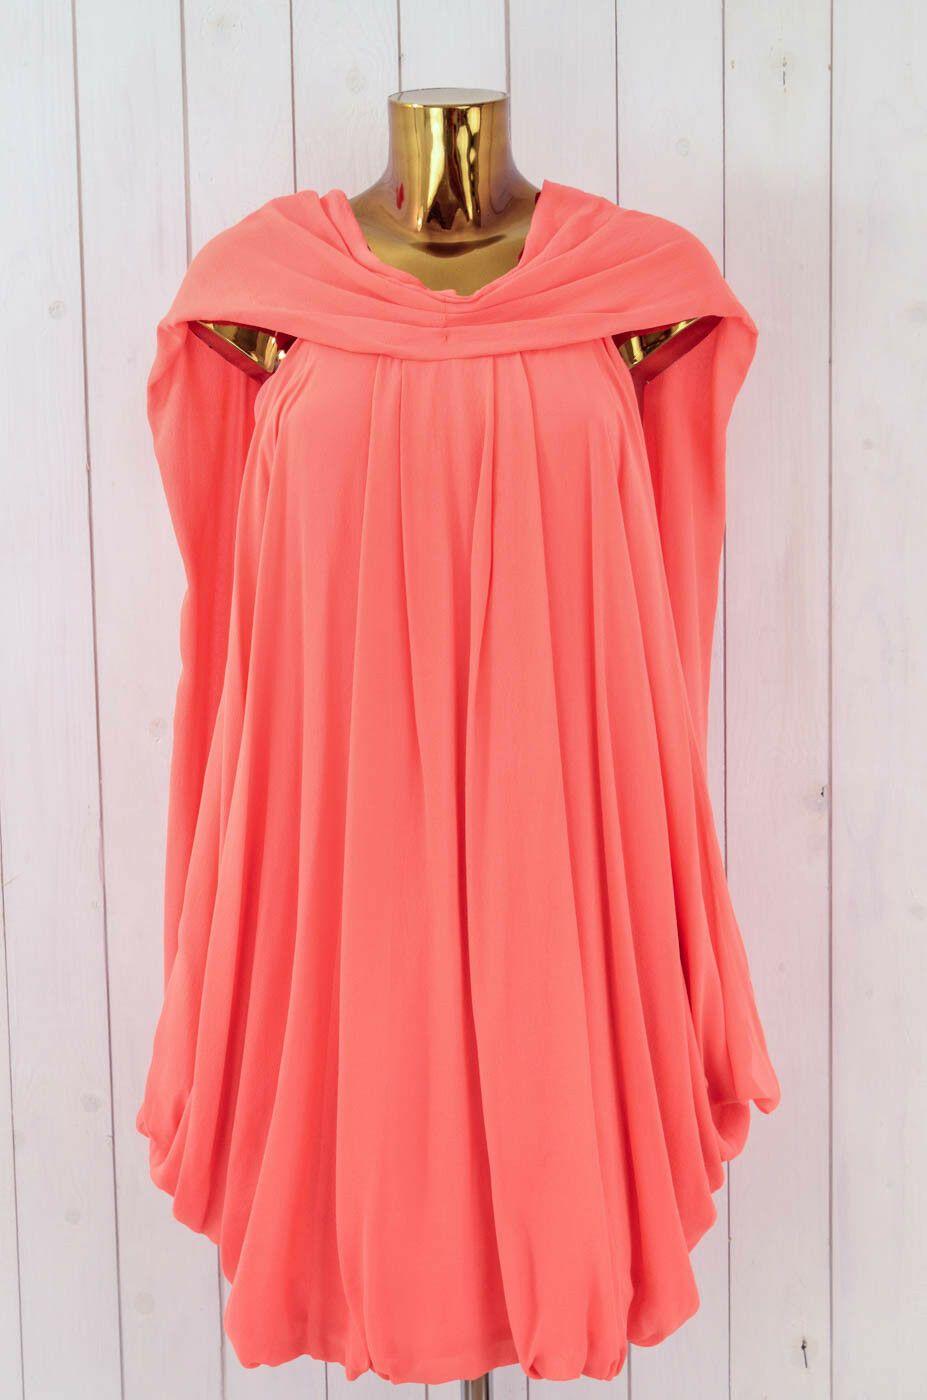 WILLOW Kleid Cocktailkleid Abendkleid Festlich Hummer Orange Rot